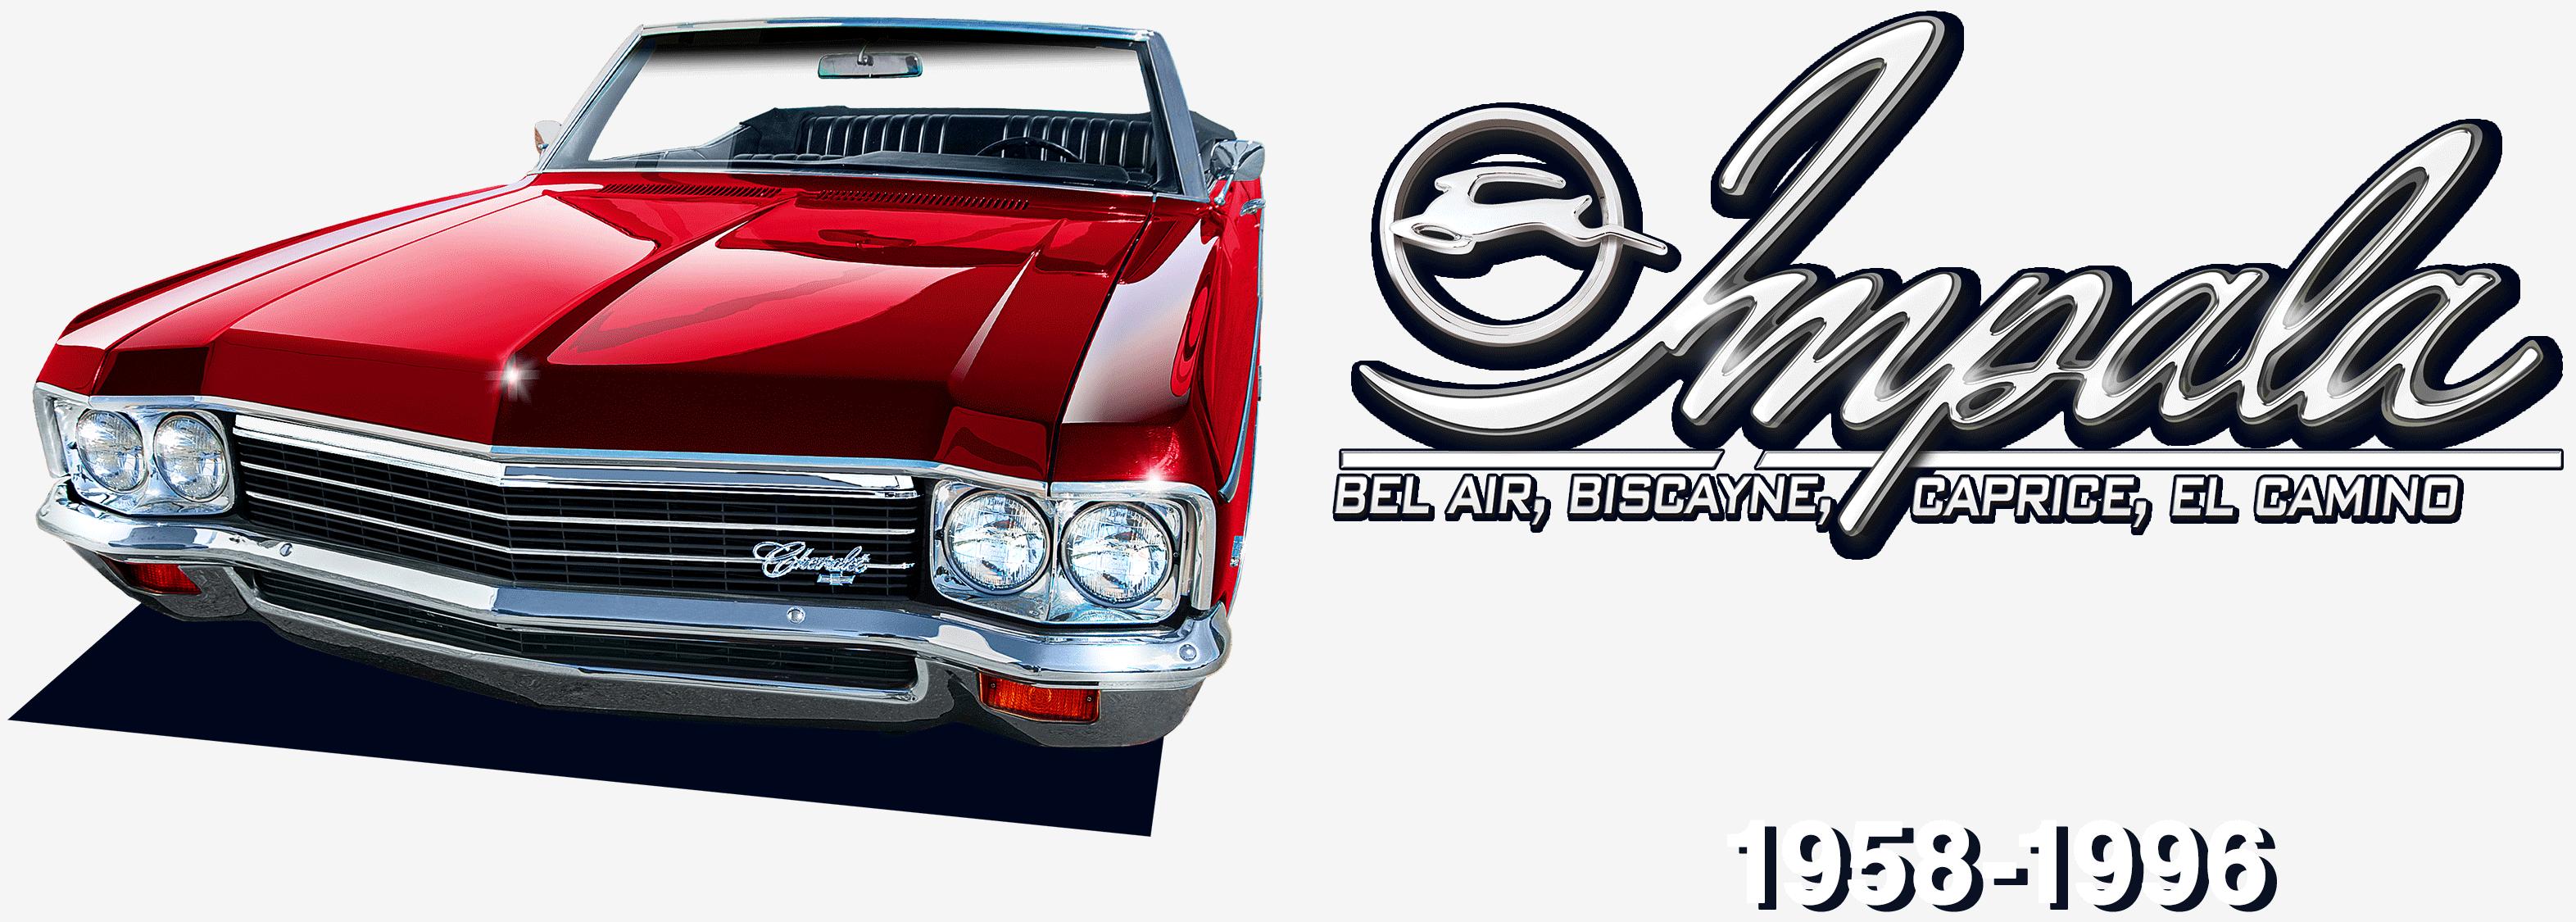 Nett 1969 Mustang Zündung Schaltplan Galerie - Schaltplan Serie ...